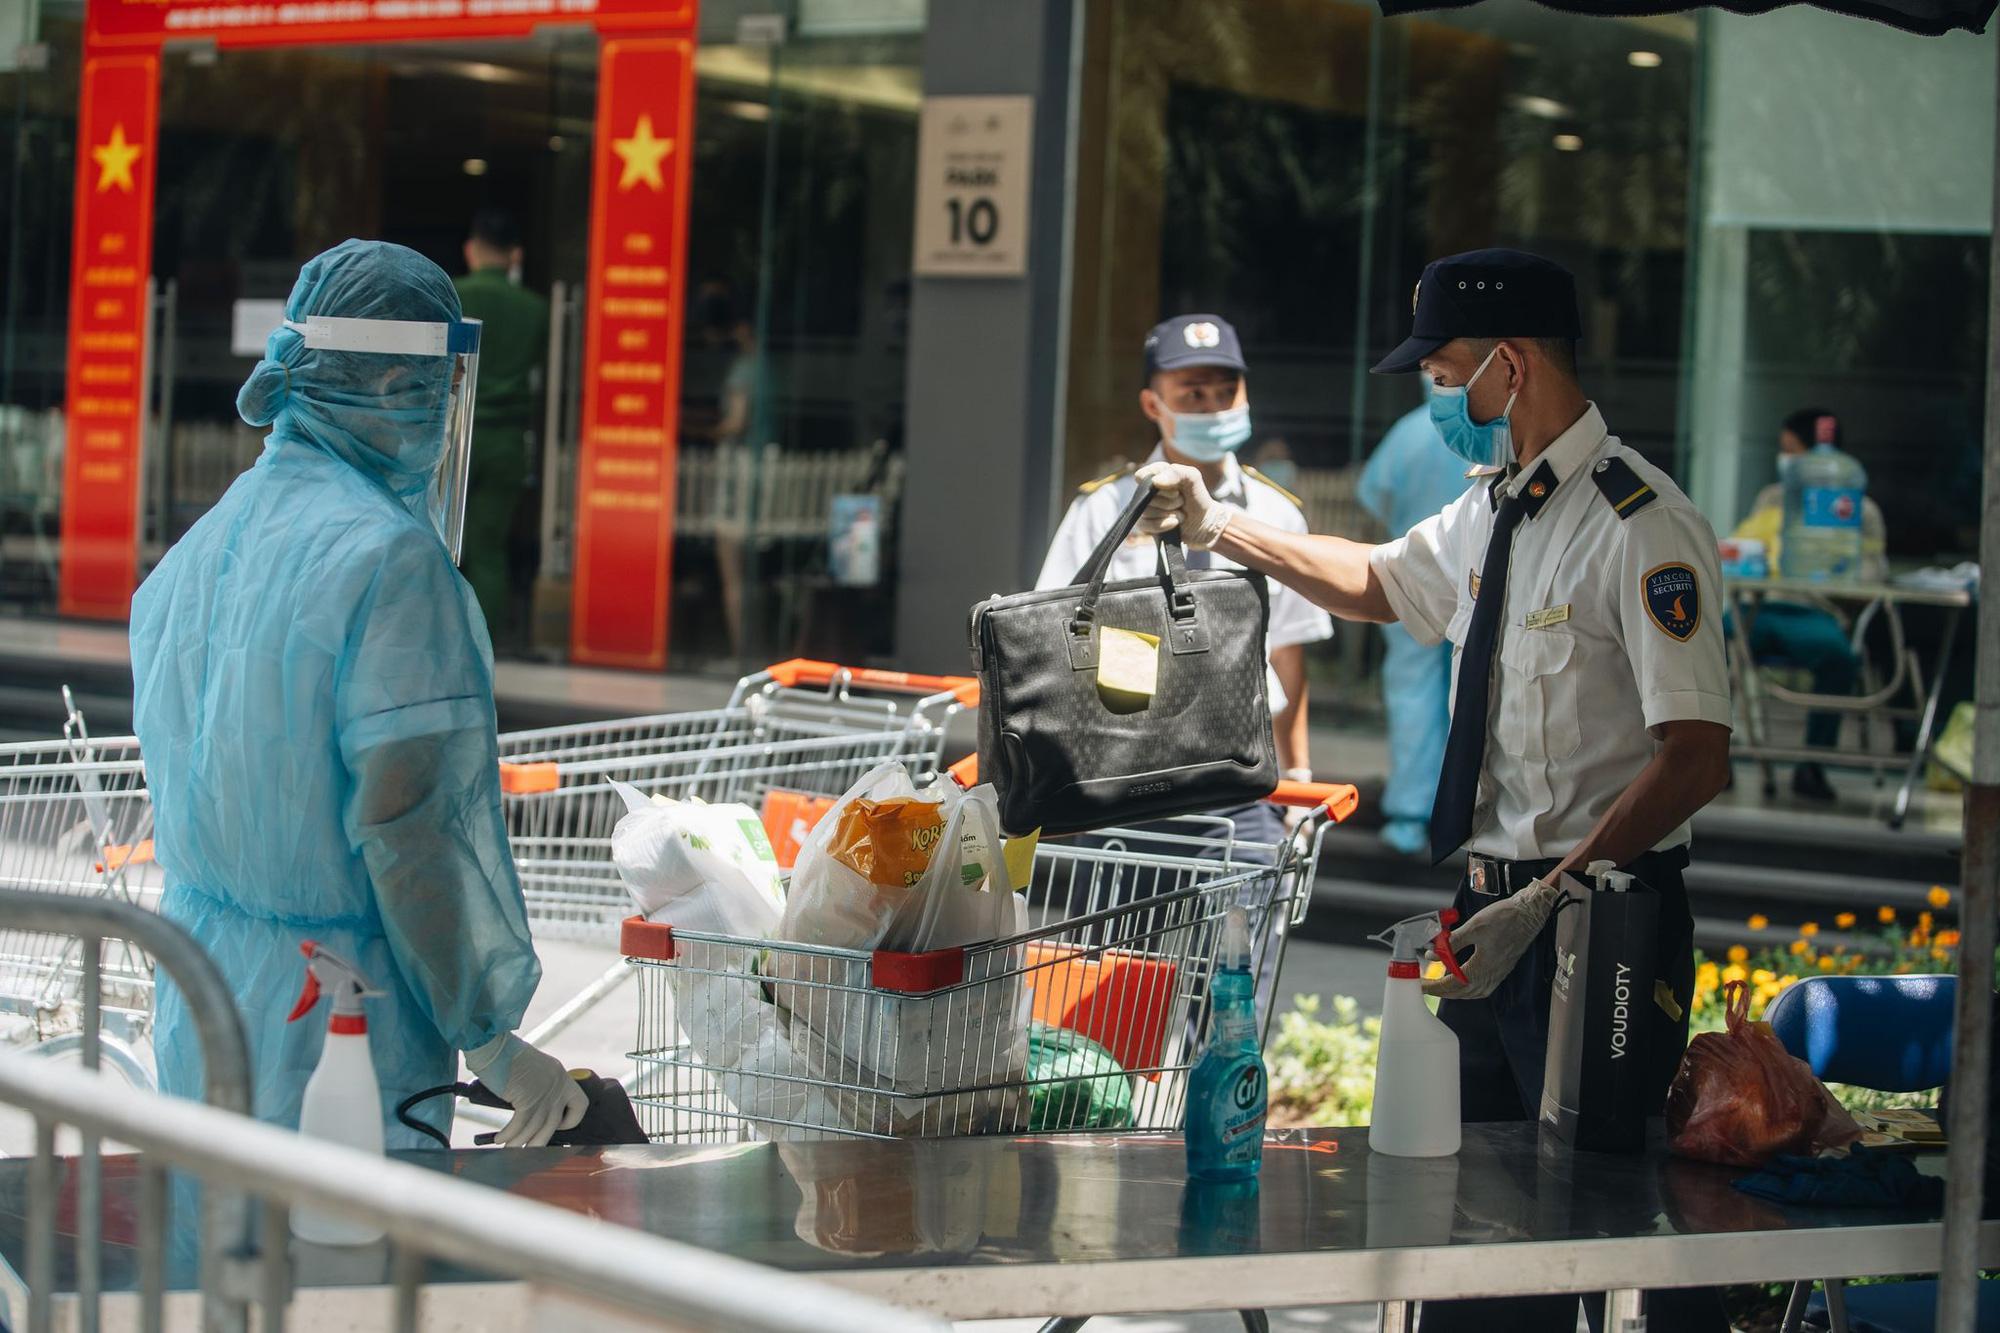 Phong tỏa, tiếp tế đồ ăn chung cư ở Times City có chuyên gia Ấn Độ dương tính với SARS-CoV-2 - Ảnh 9.